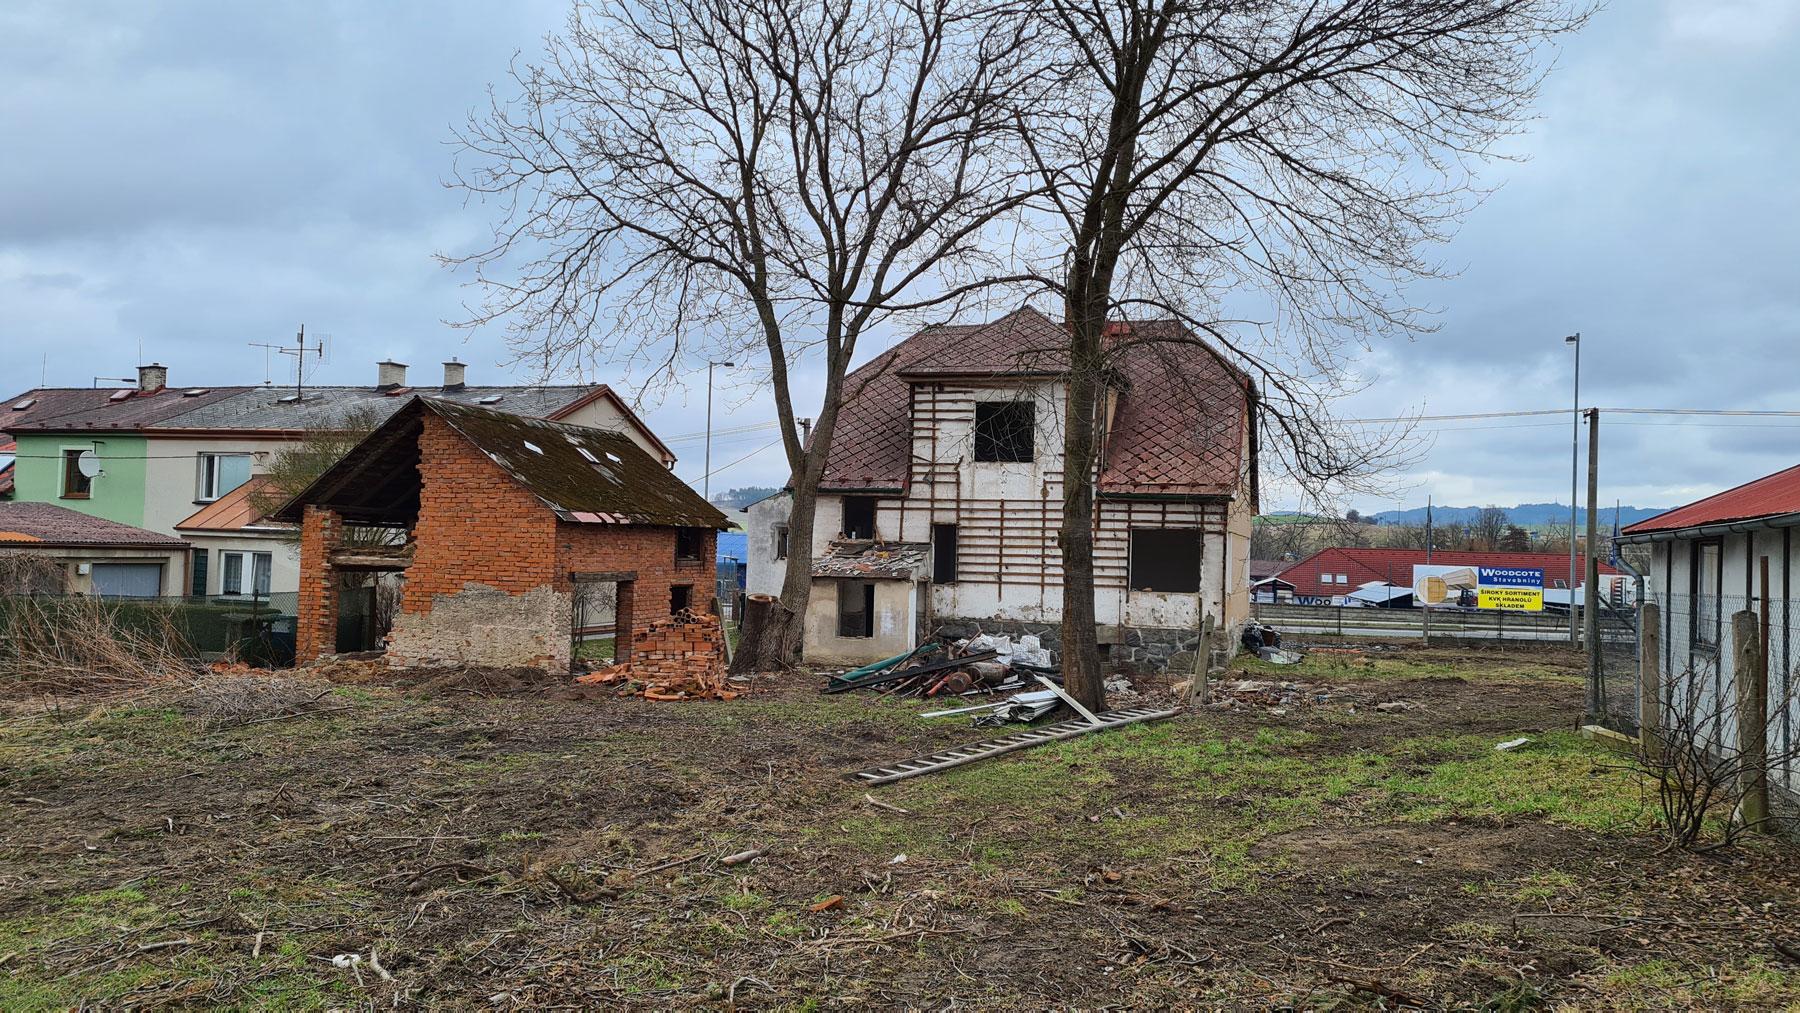 Nove-byty-Klatovy-ukonceni-demolice-Rezidence-pod-Sumavou (1)